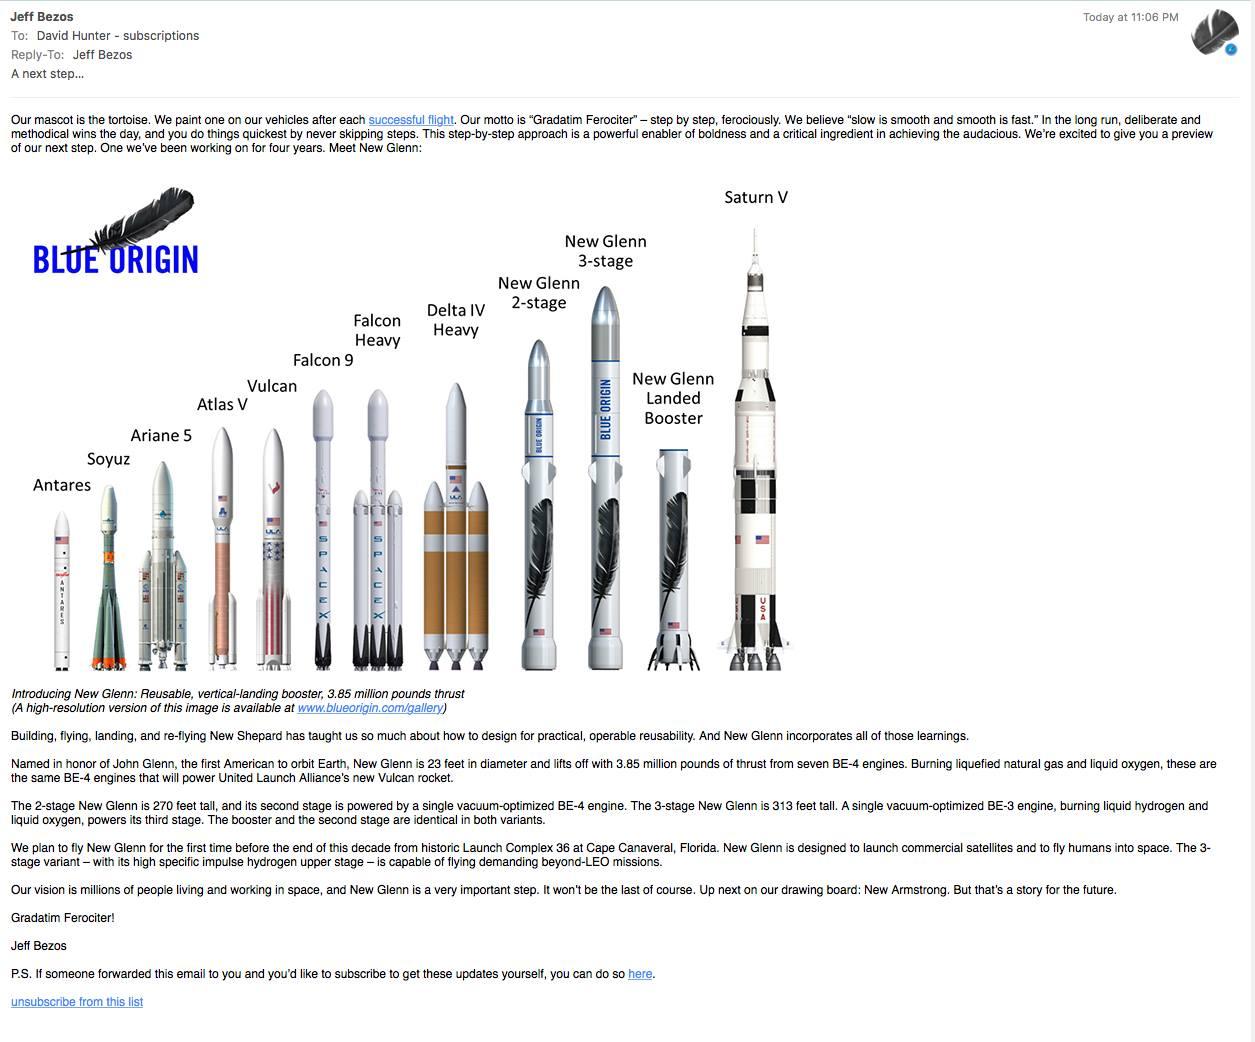 Blue Origin's Future Plans.jpg